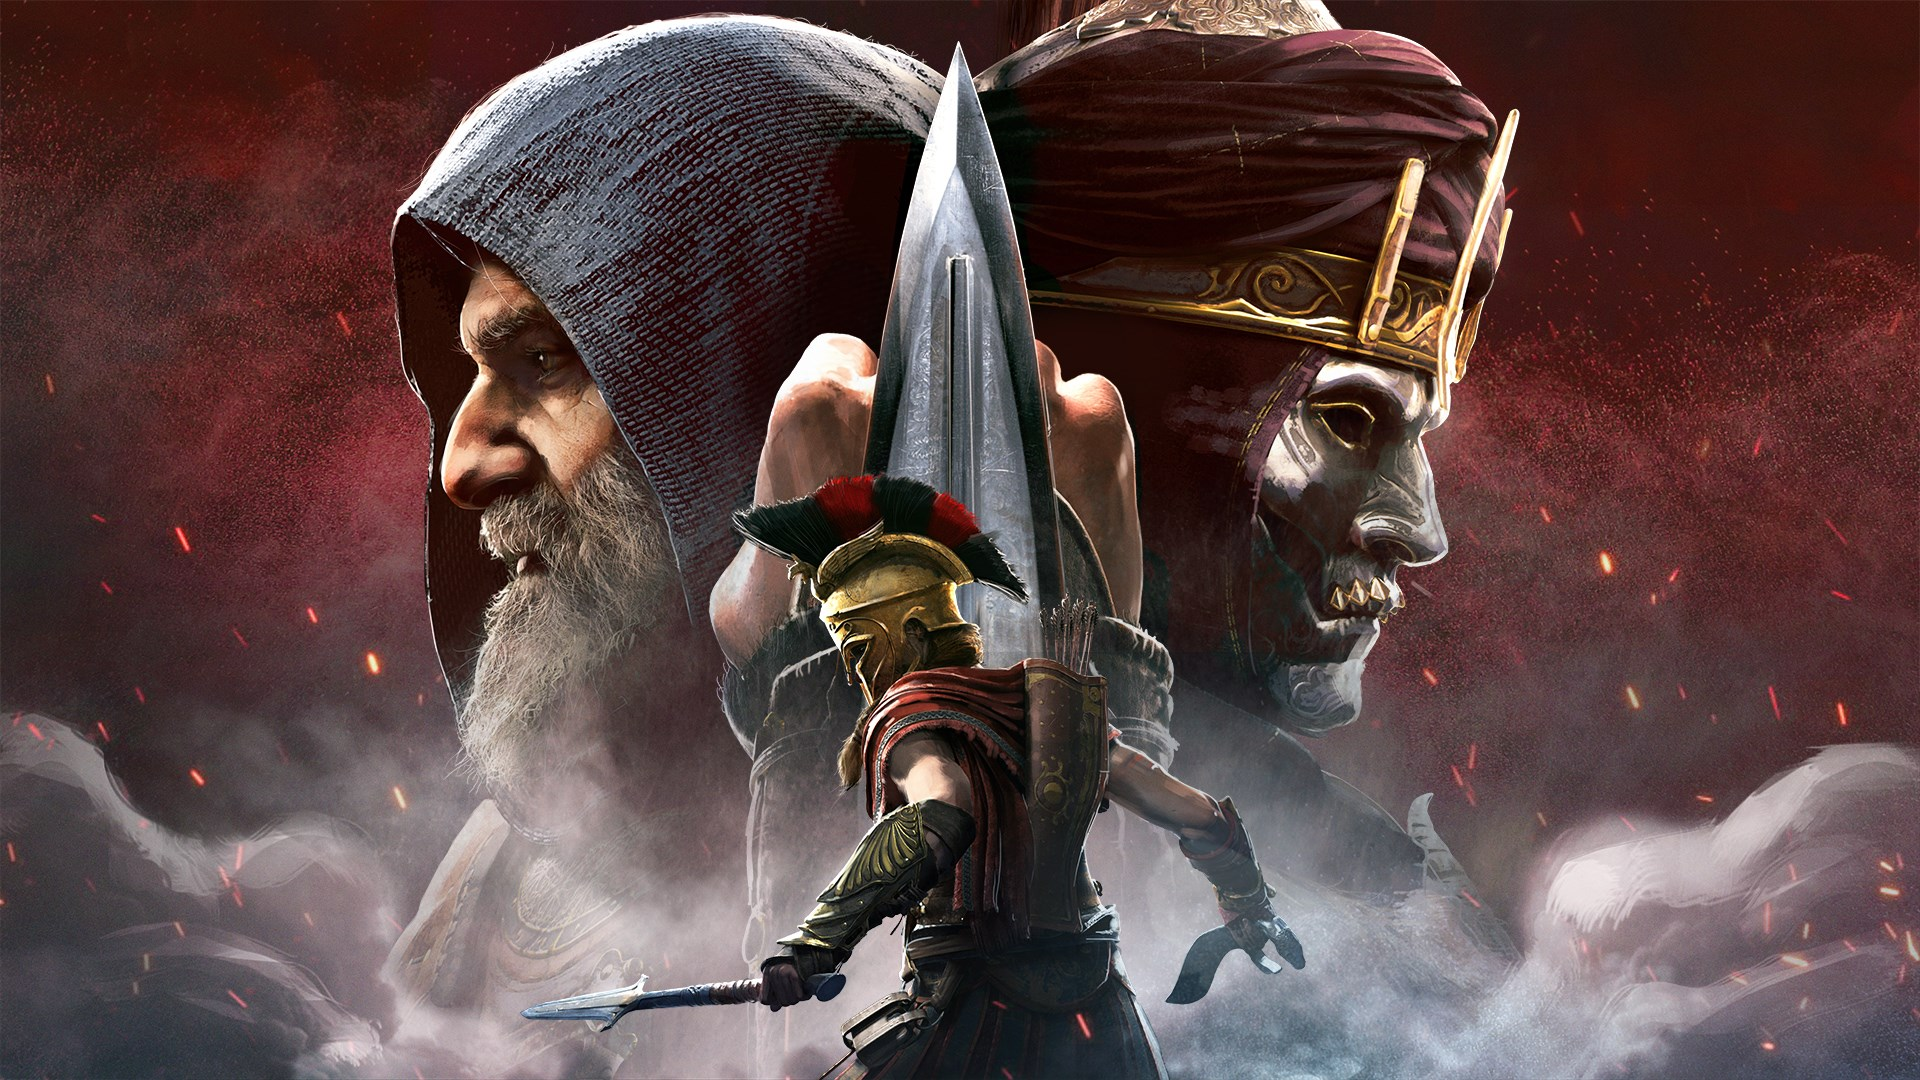 Assassin's Creed© Odyssey: El legado de la primera hoja. Capítulo 1: A la caza